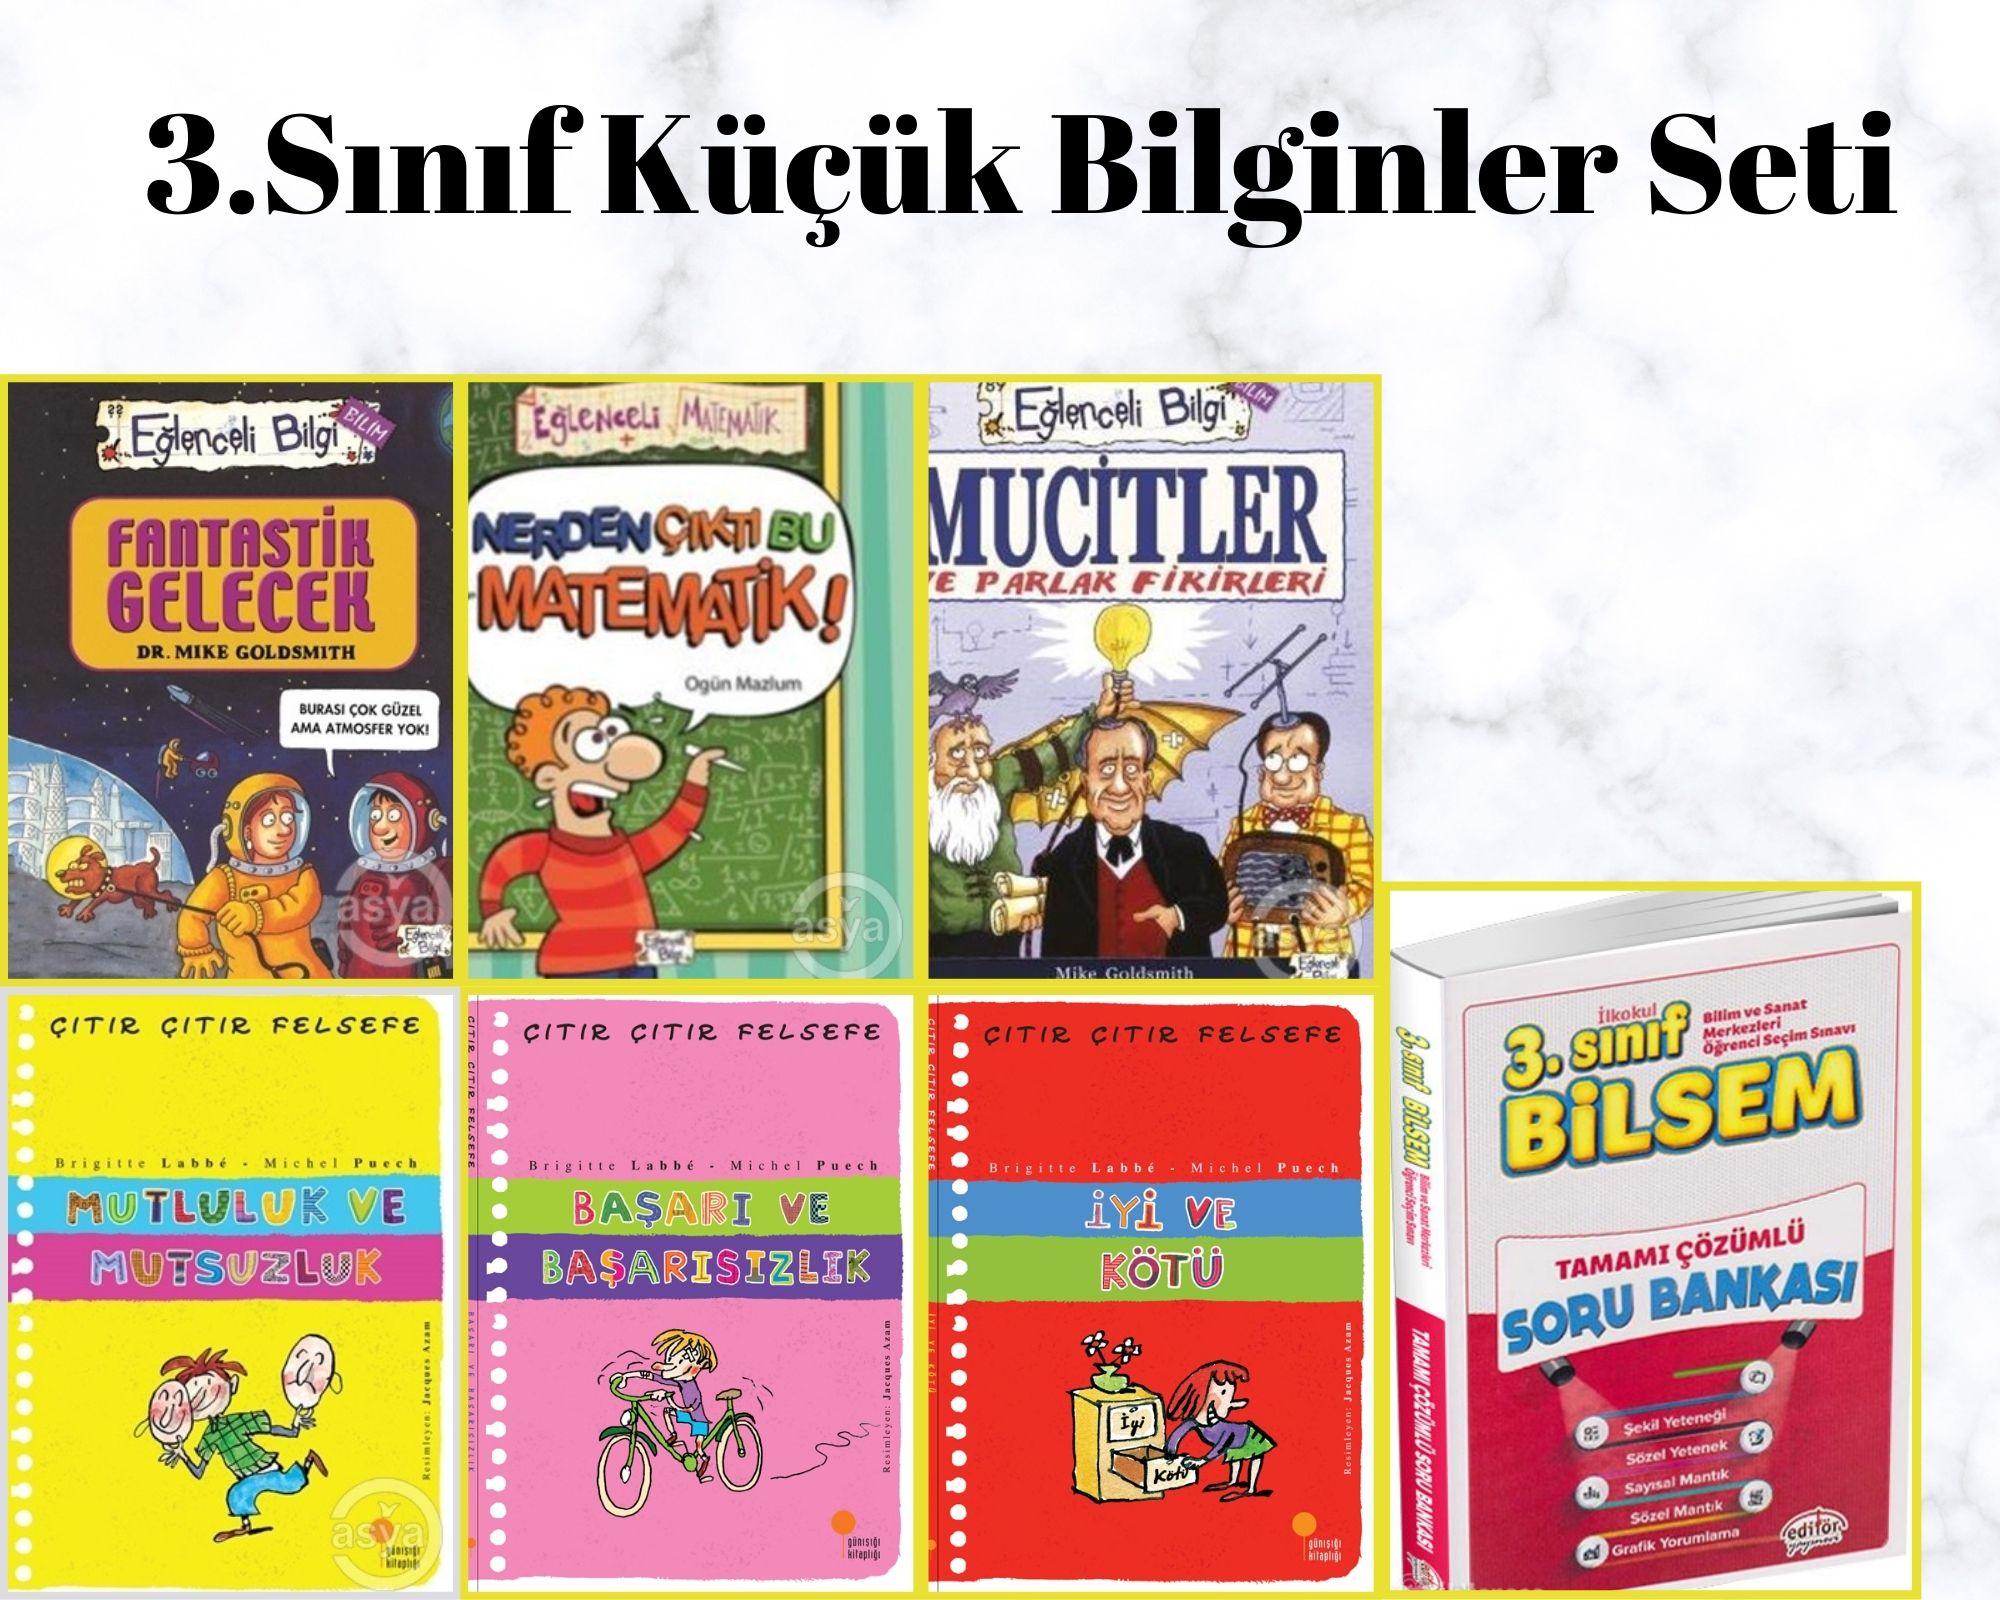 3.Sınıf Küçük Bilginler Set